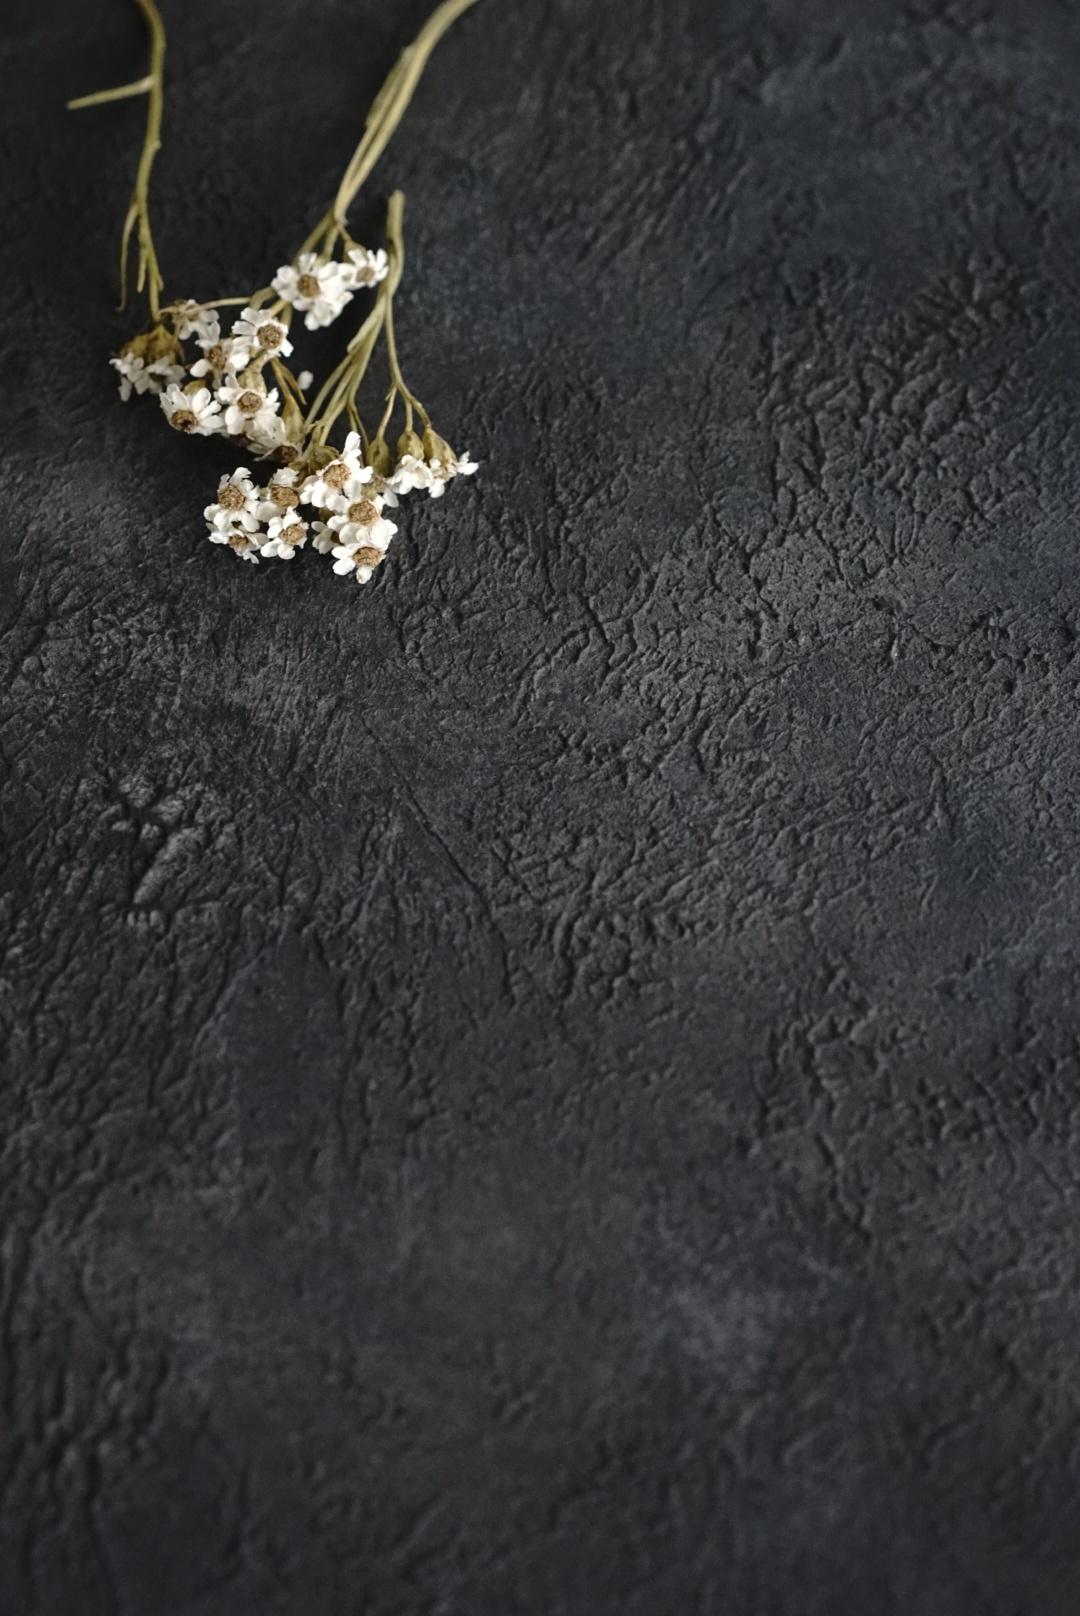 A1 漆黒に浮かび上がるグレーの陰影美大人のスタイリングボード「シアター」